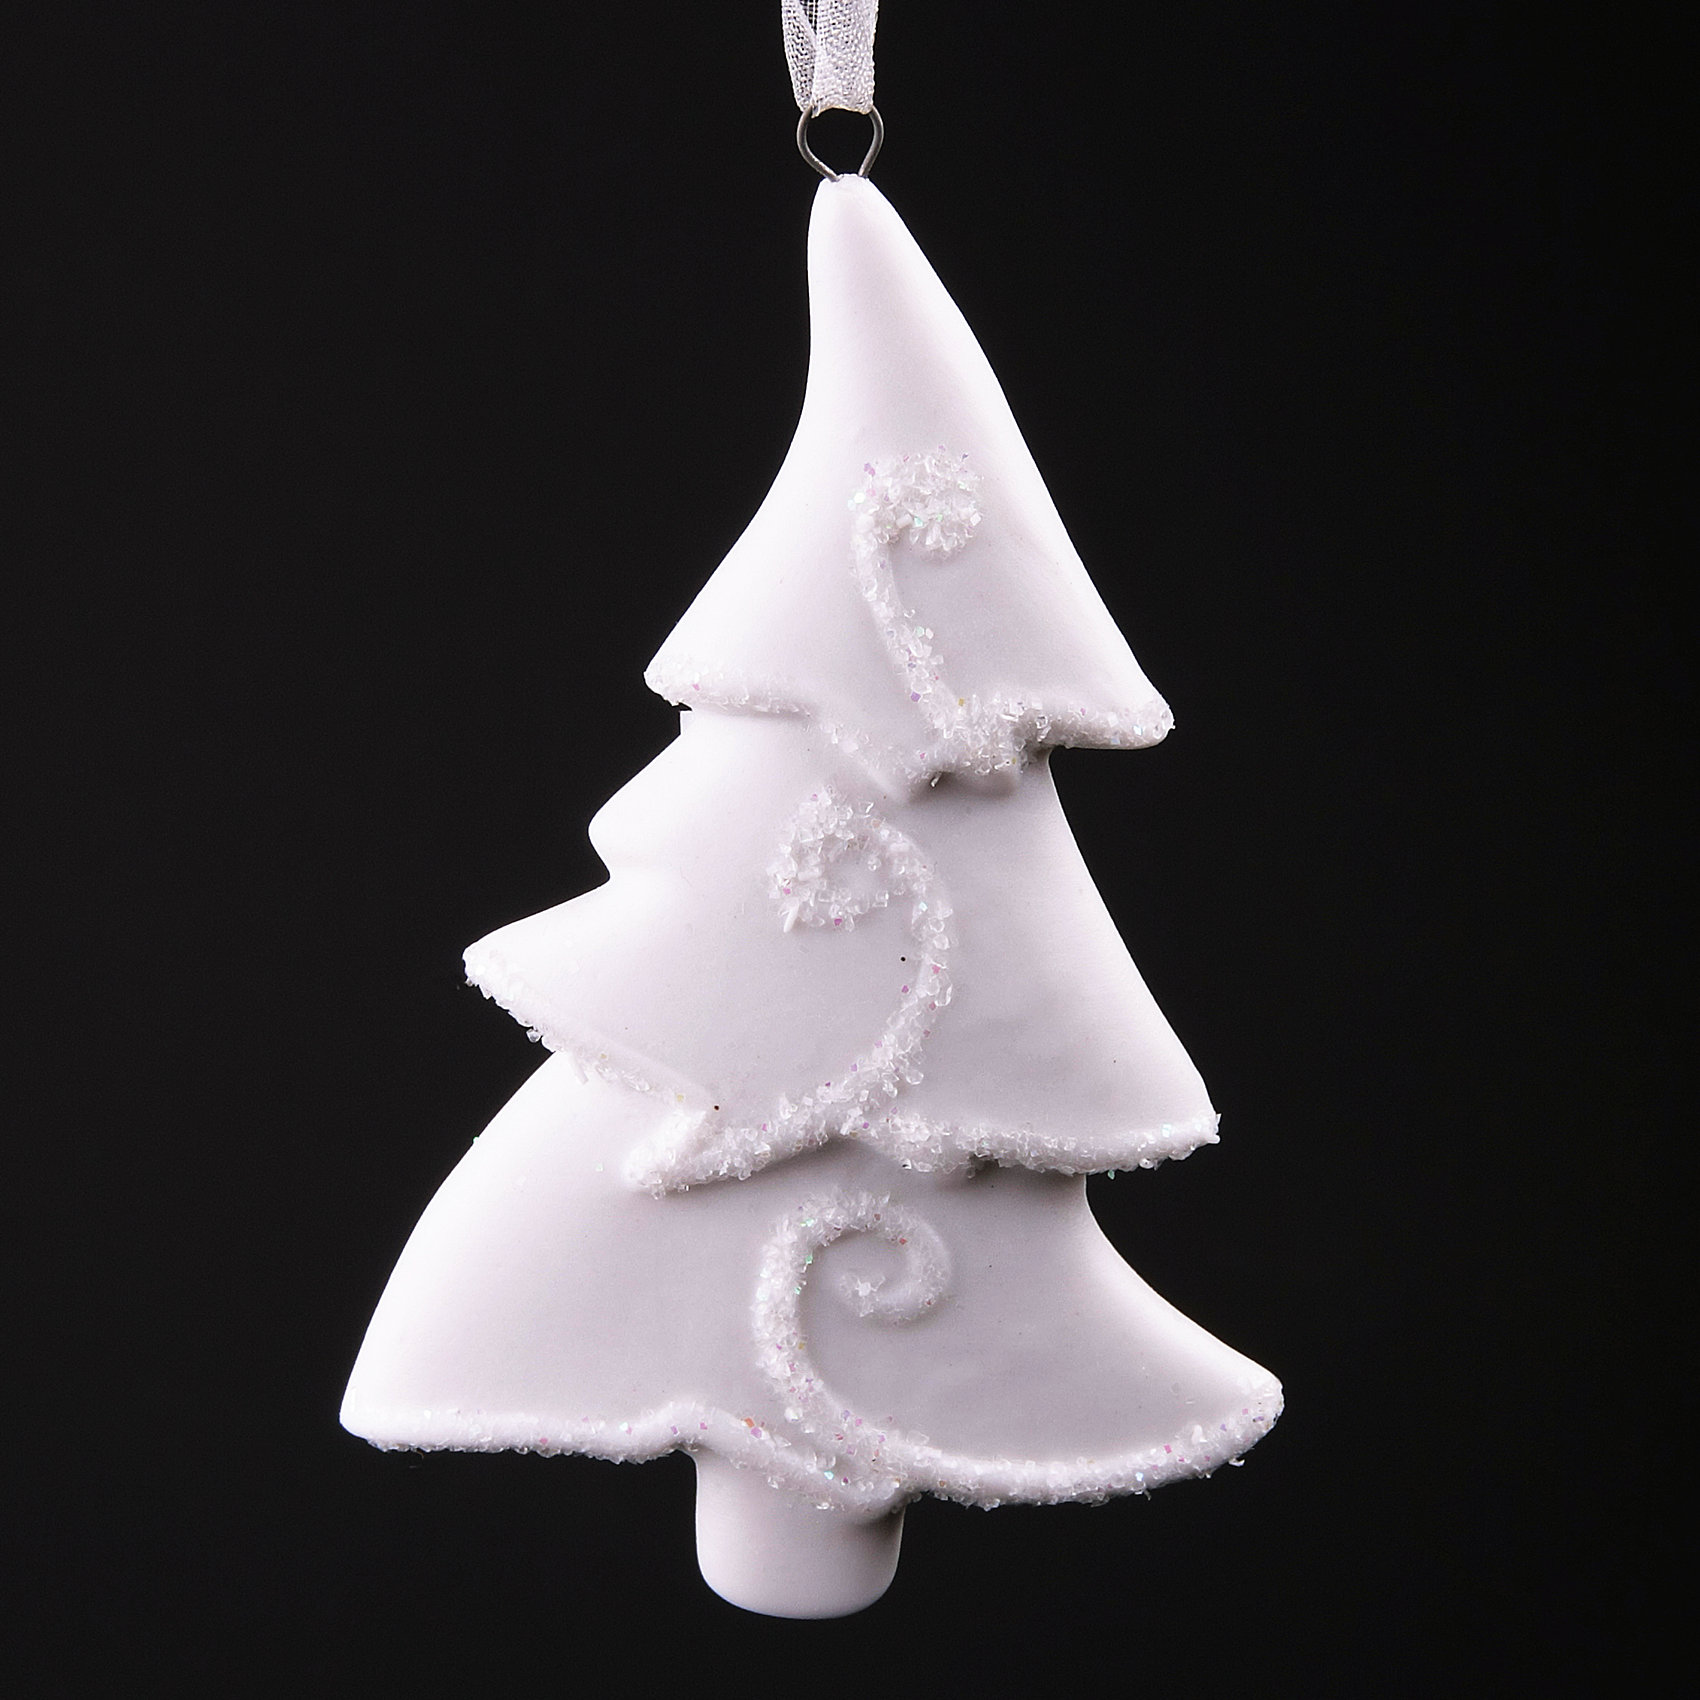 Новогоднее украшение ЕлочкаНовогоднее украшение – это декоративное украшение замечательно украсит интерьер.<br>Изящное новогоднее украшение выполнено из керамики белого цвета в виде елки, украшенной блестками. С помощью специальной текстильной петельки его можно повесить в любом понравившемся вам месте. Но, конечно, удачнее всего такая игрушка будет смотреться на праздничной елке. Новогодние украшения приносят в дом волшебство и ощущение праздника. Создайте в своем доме атмосферу веселья и радости, украшая новогоднюю елку нарядными игрушками, которые будут из года в год накапливать теплоту воспоминаний.<br><br>Дополнительная информация:<br><br>- Размер: 9,5 х 6 х 0,8 см.<br>- Материал: керамика<br><br>Новогоднее украшение принесет в ваш дом ни с чем несравнимое ощущение волшебства!<br><br>Новогоднее украшение можно купить в нашем интернет-магазине.<br><br>Ширина мм: 110<br>Глубина мм: 700<br>Высота мм: 20<br>Вес г: 100<br>Возраст от месяцев: 36<br>Возраст до месяцев: 2147483647<br>Пол: Унисекс<br>Возраст: Детский<br>SKU: 4276473